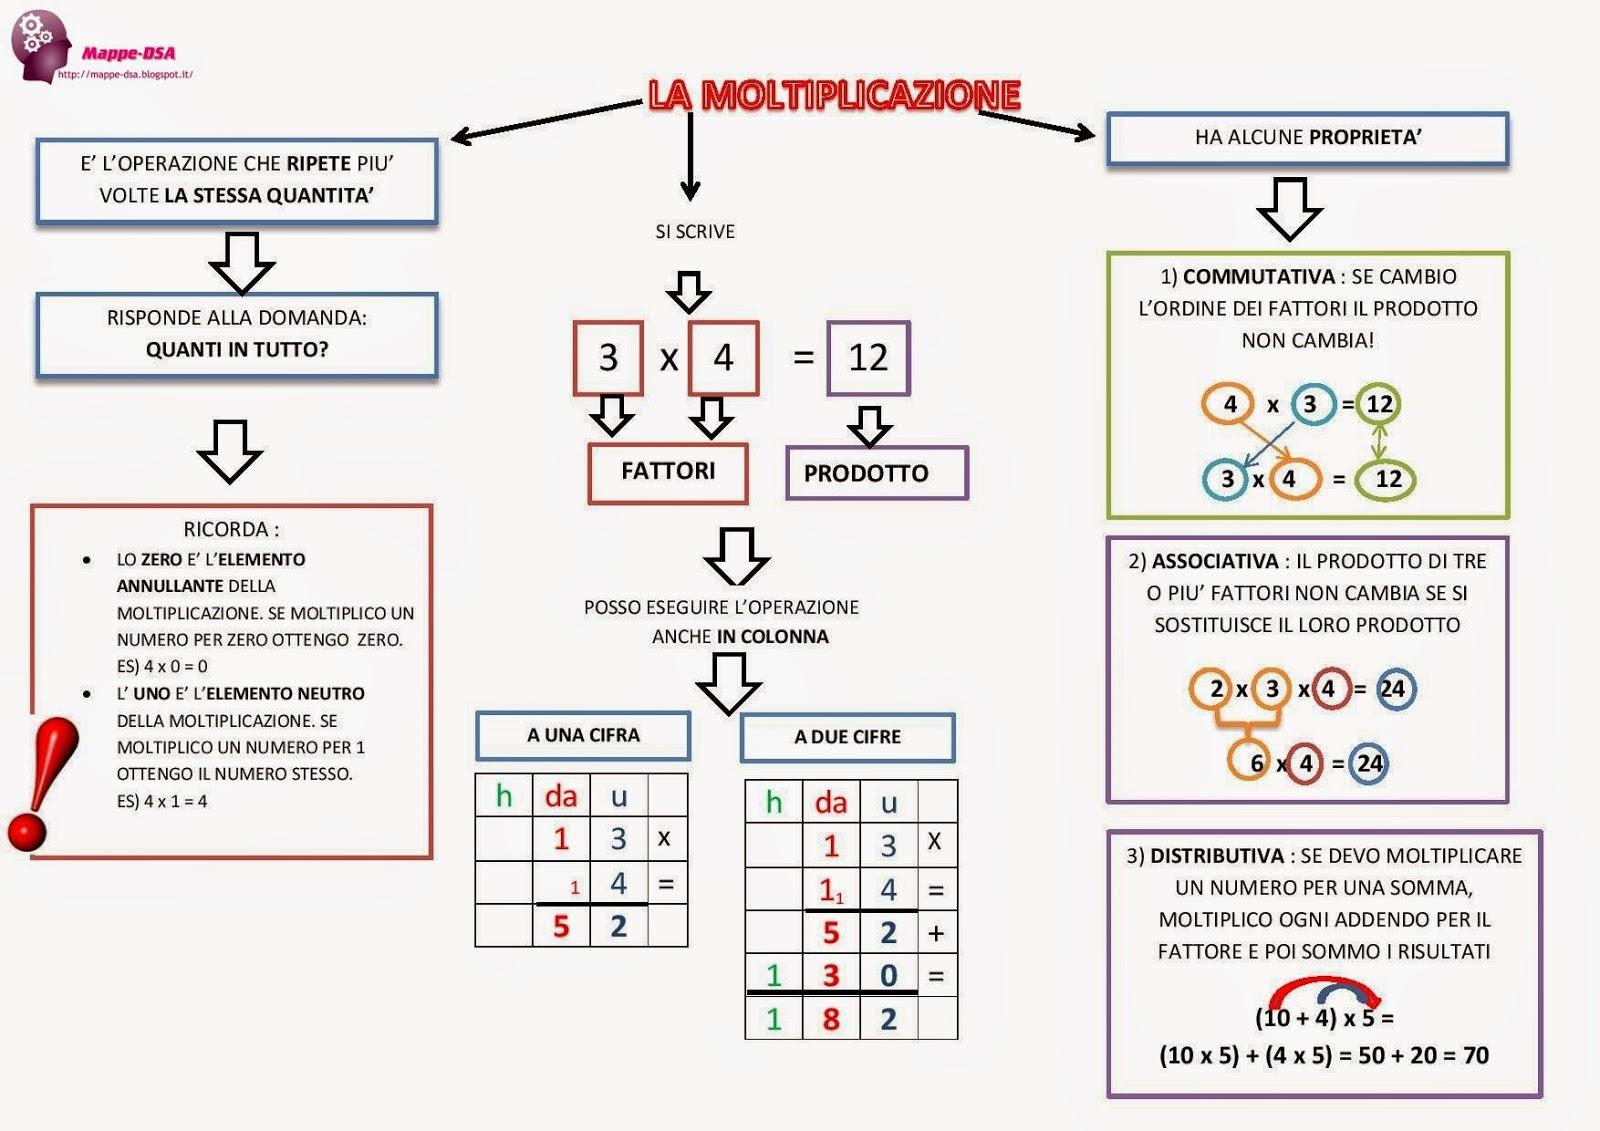 mappa dsa matematica moltiplicazione